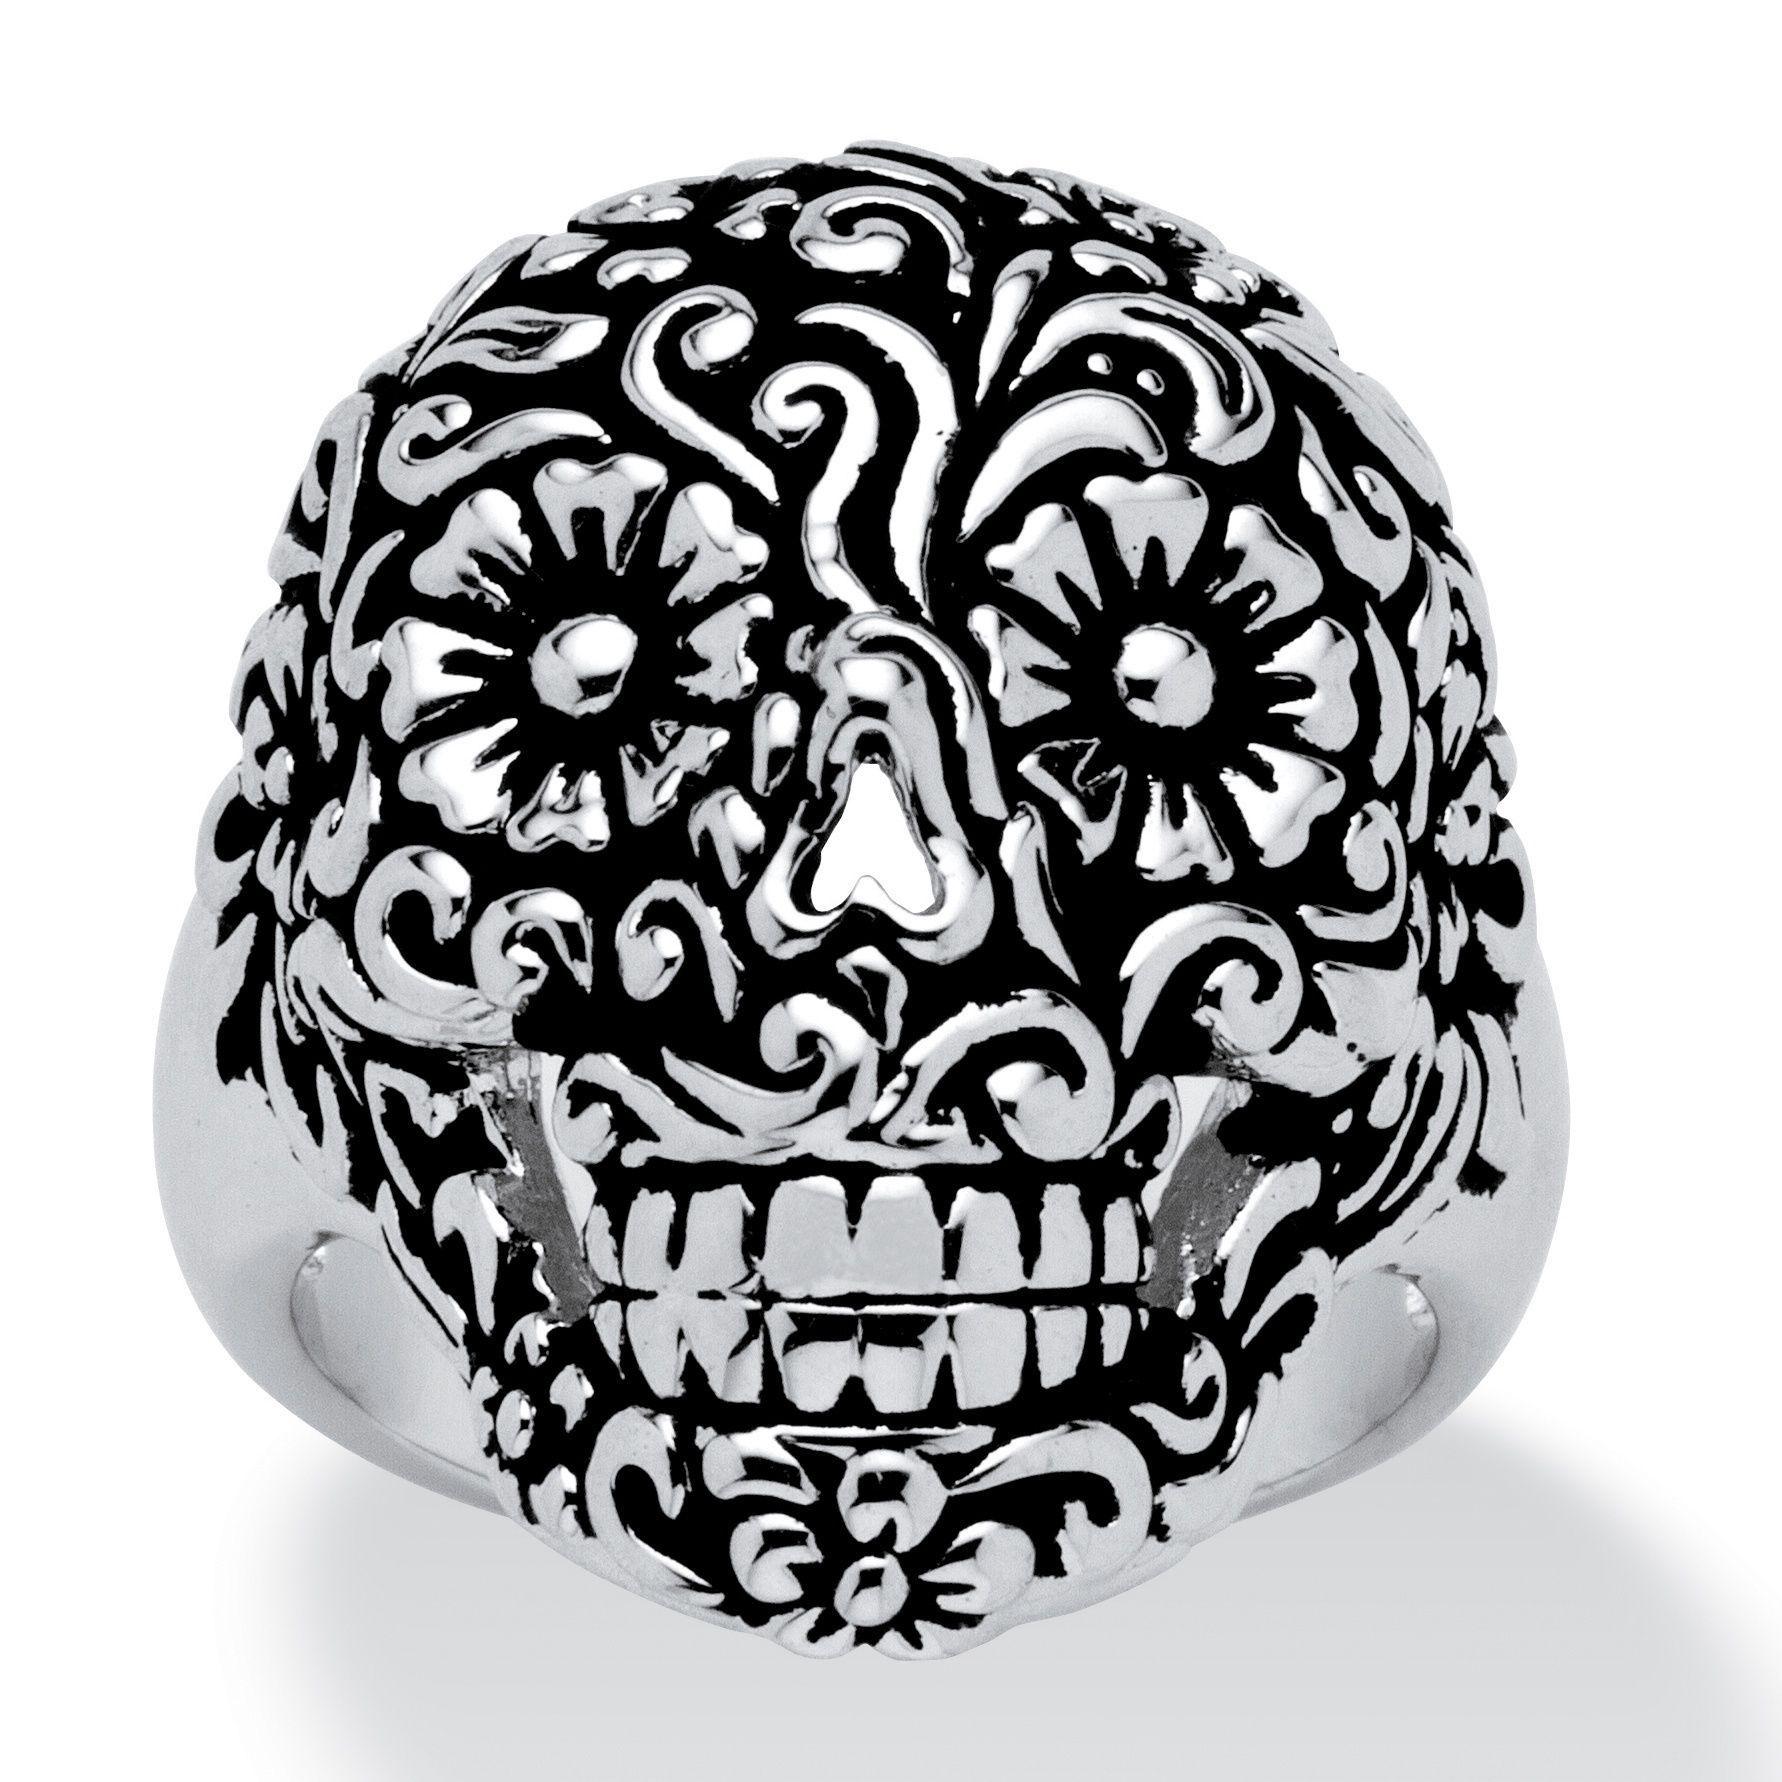 <li>Flower sugar skull ring</li><li>Platinum-plated brass jewelry</li><li><a href='http://www.overstock.com/downloads/pdf/2010_RingSizing.pdf'><span class='links'>Click here for ring sizing guide</span></a></li>